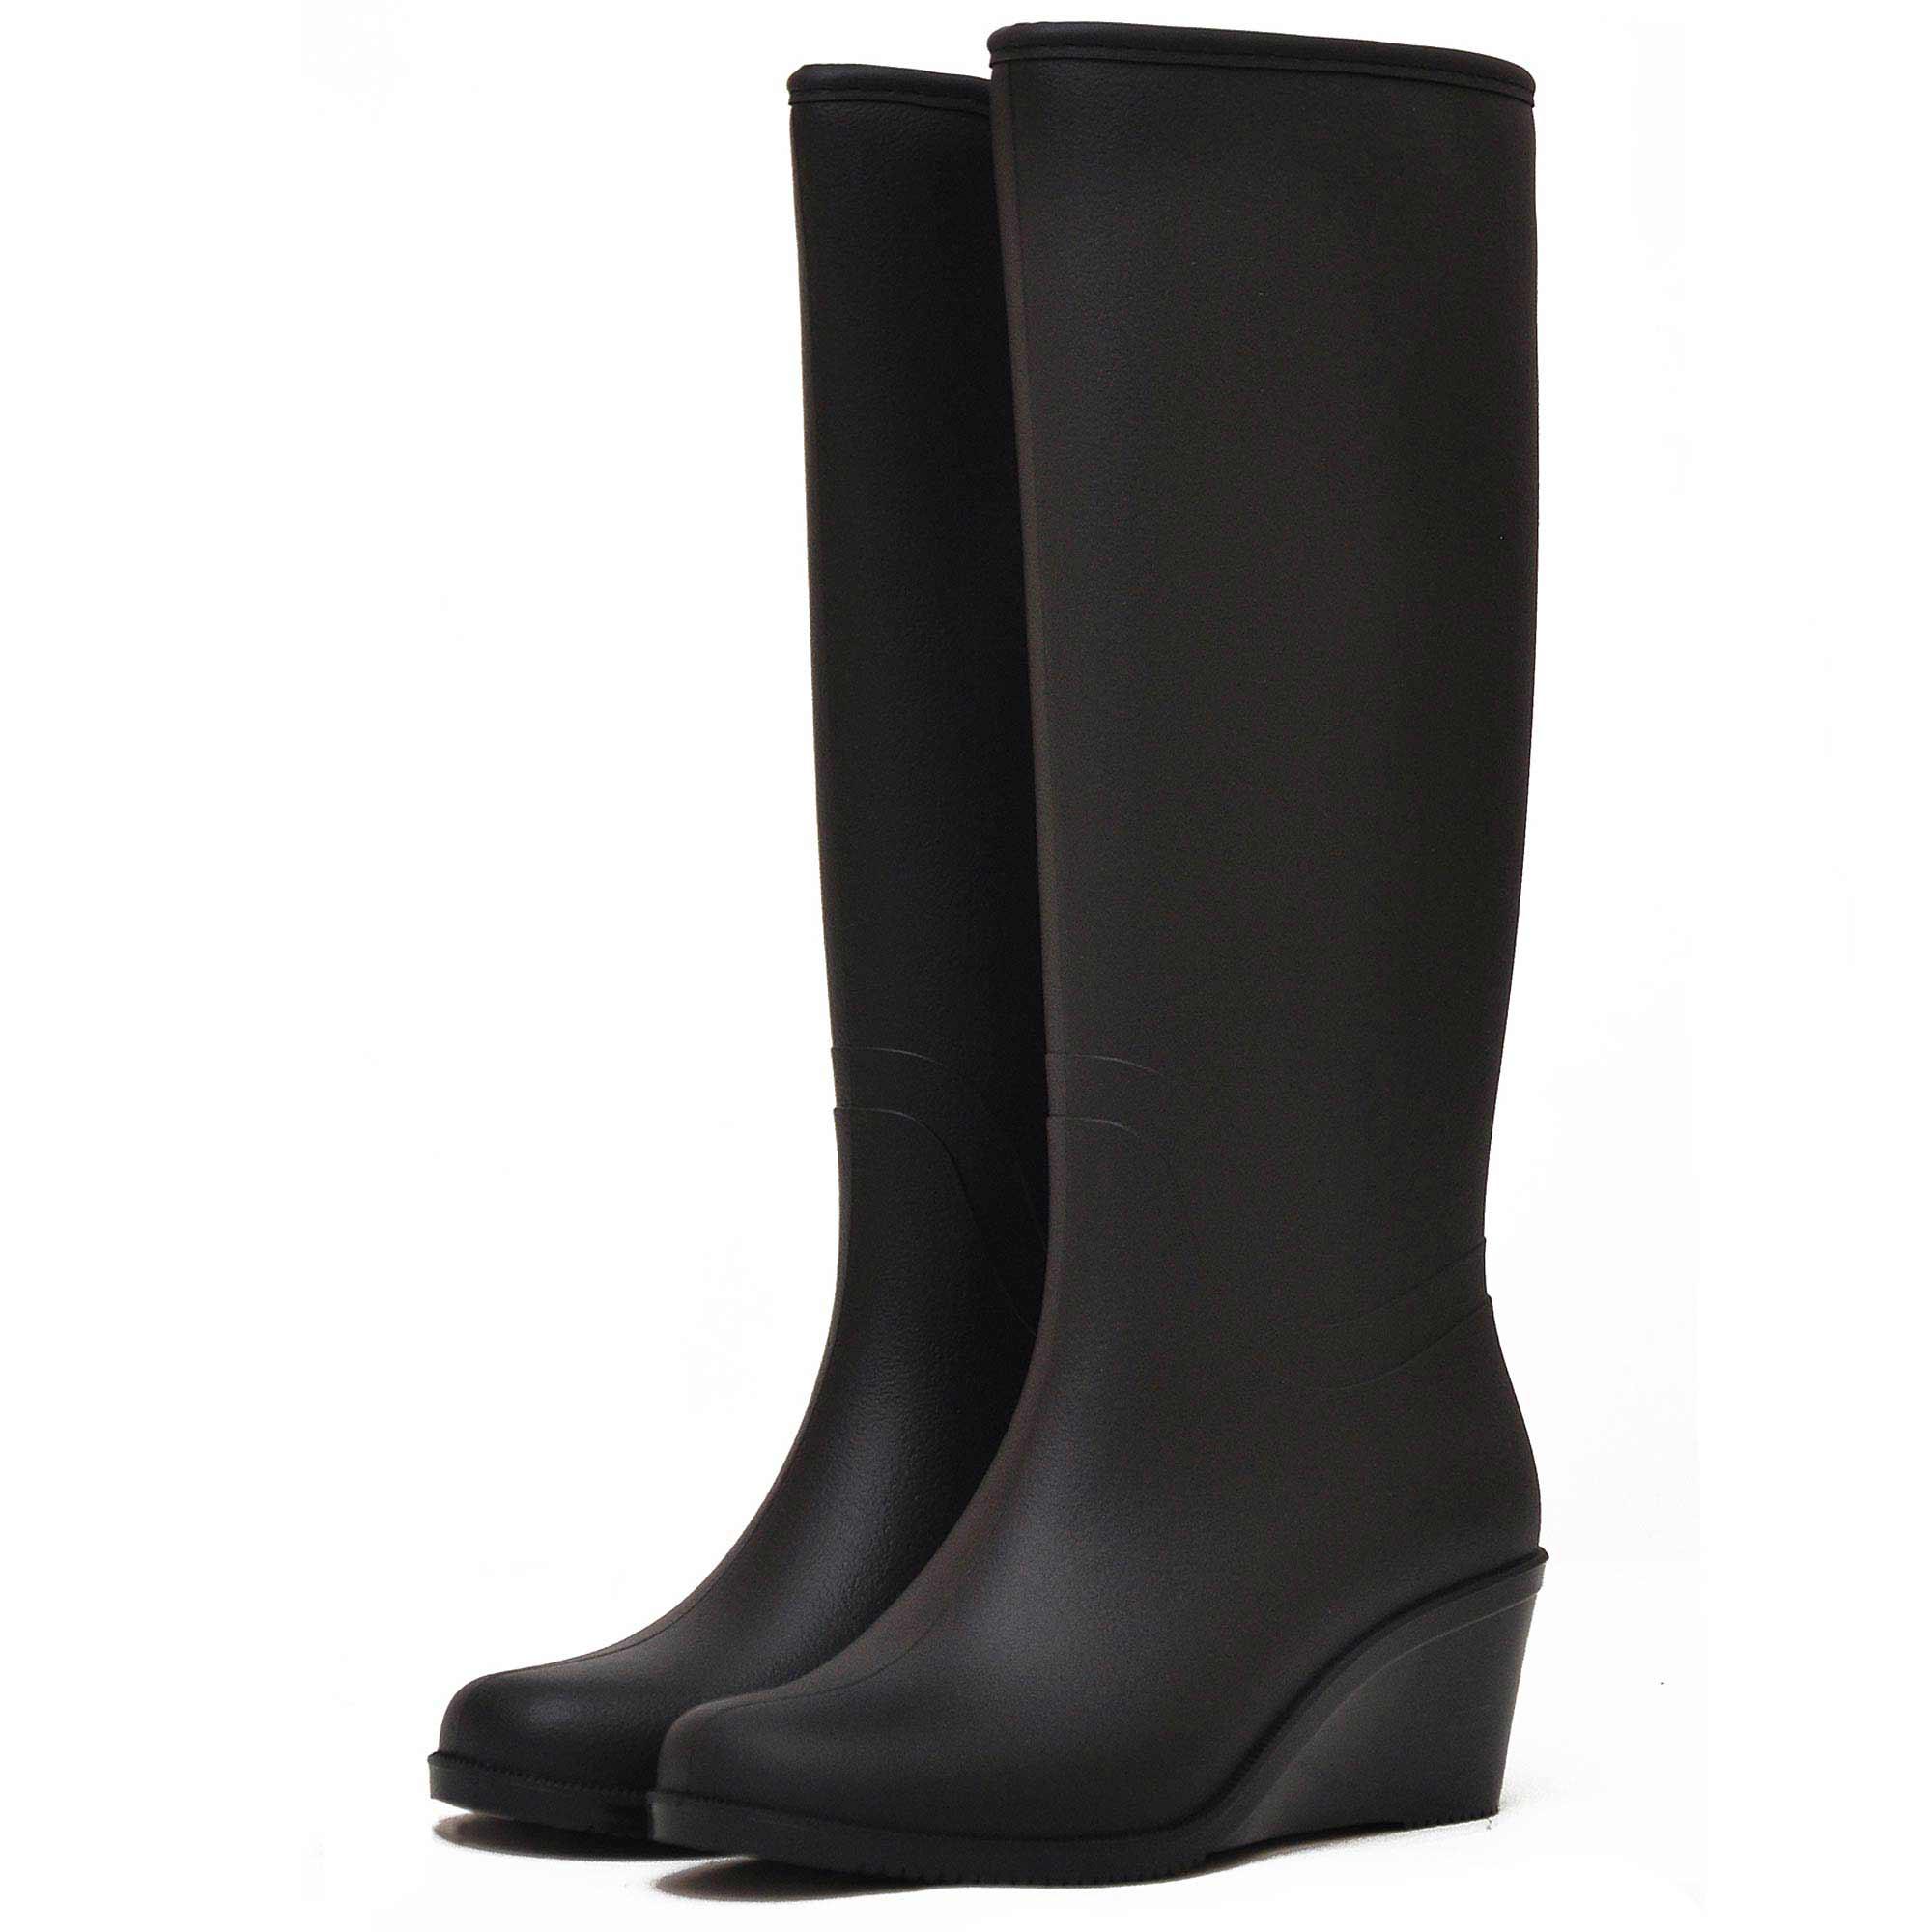 05dc41688 Купить резиновую обувь на сайте в спб - интеренет-магазин обуви